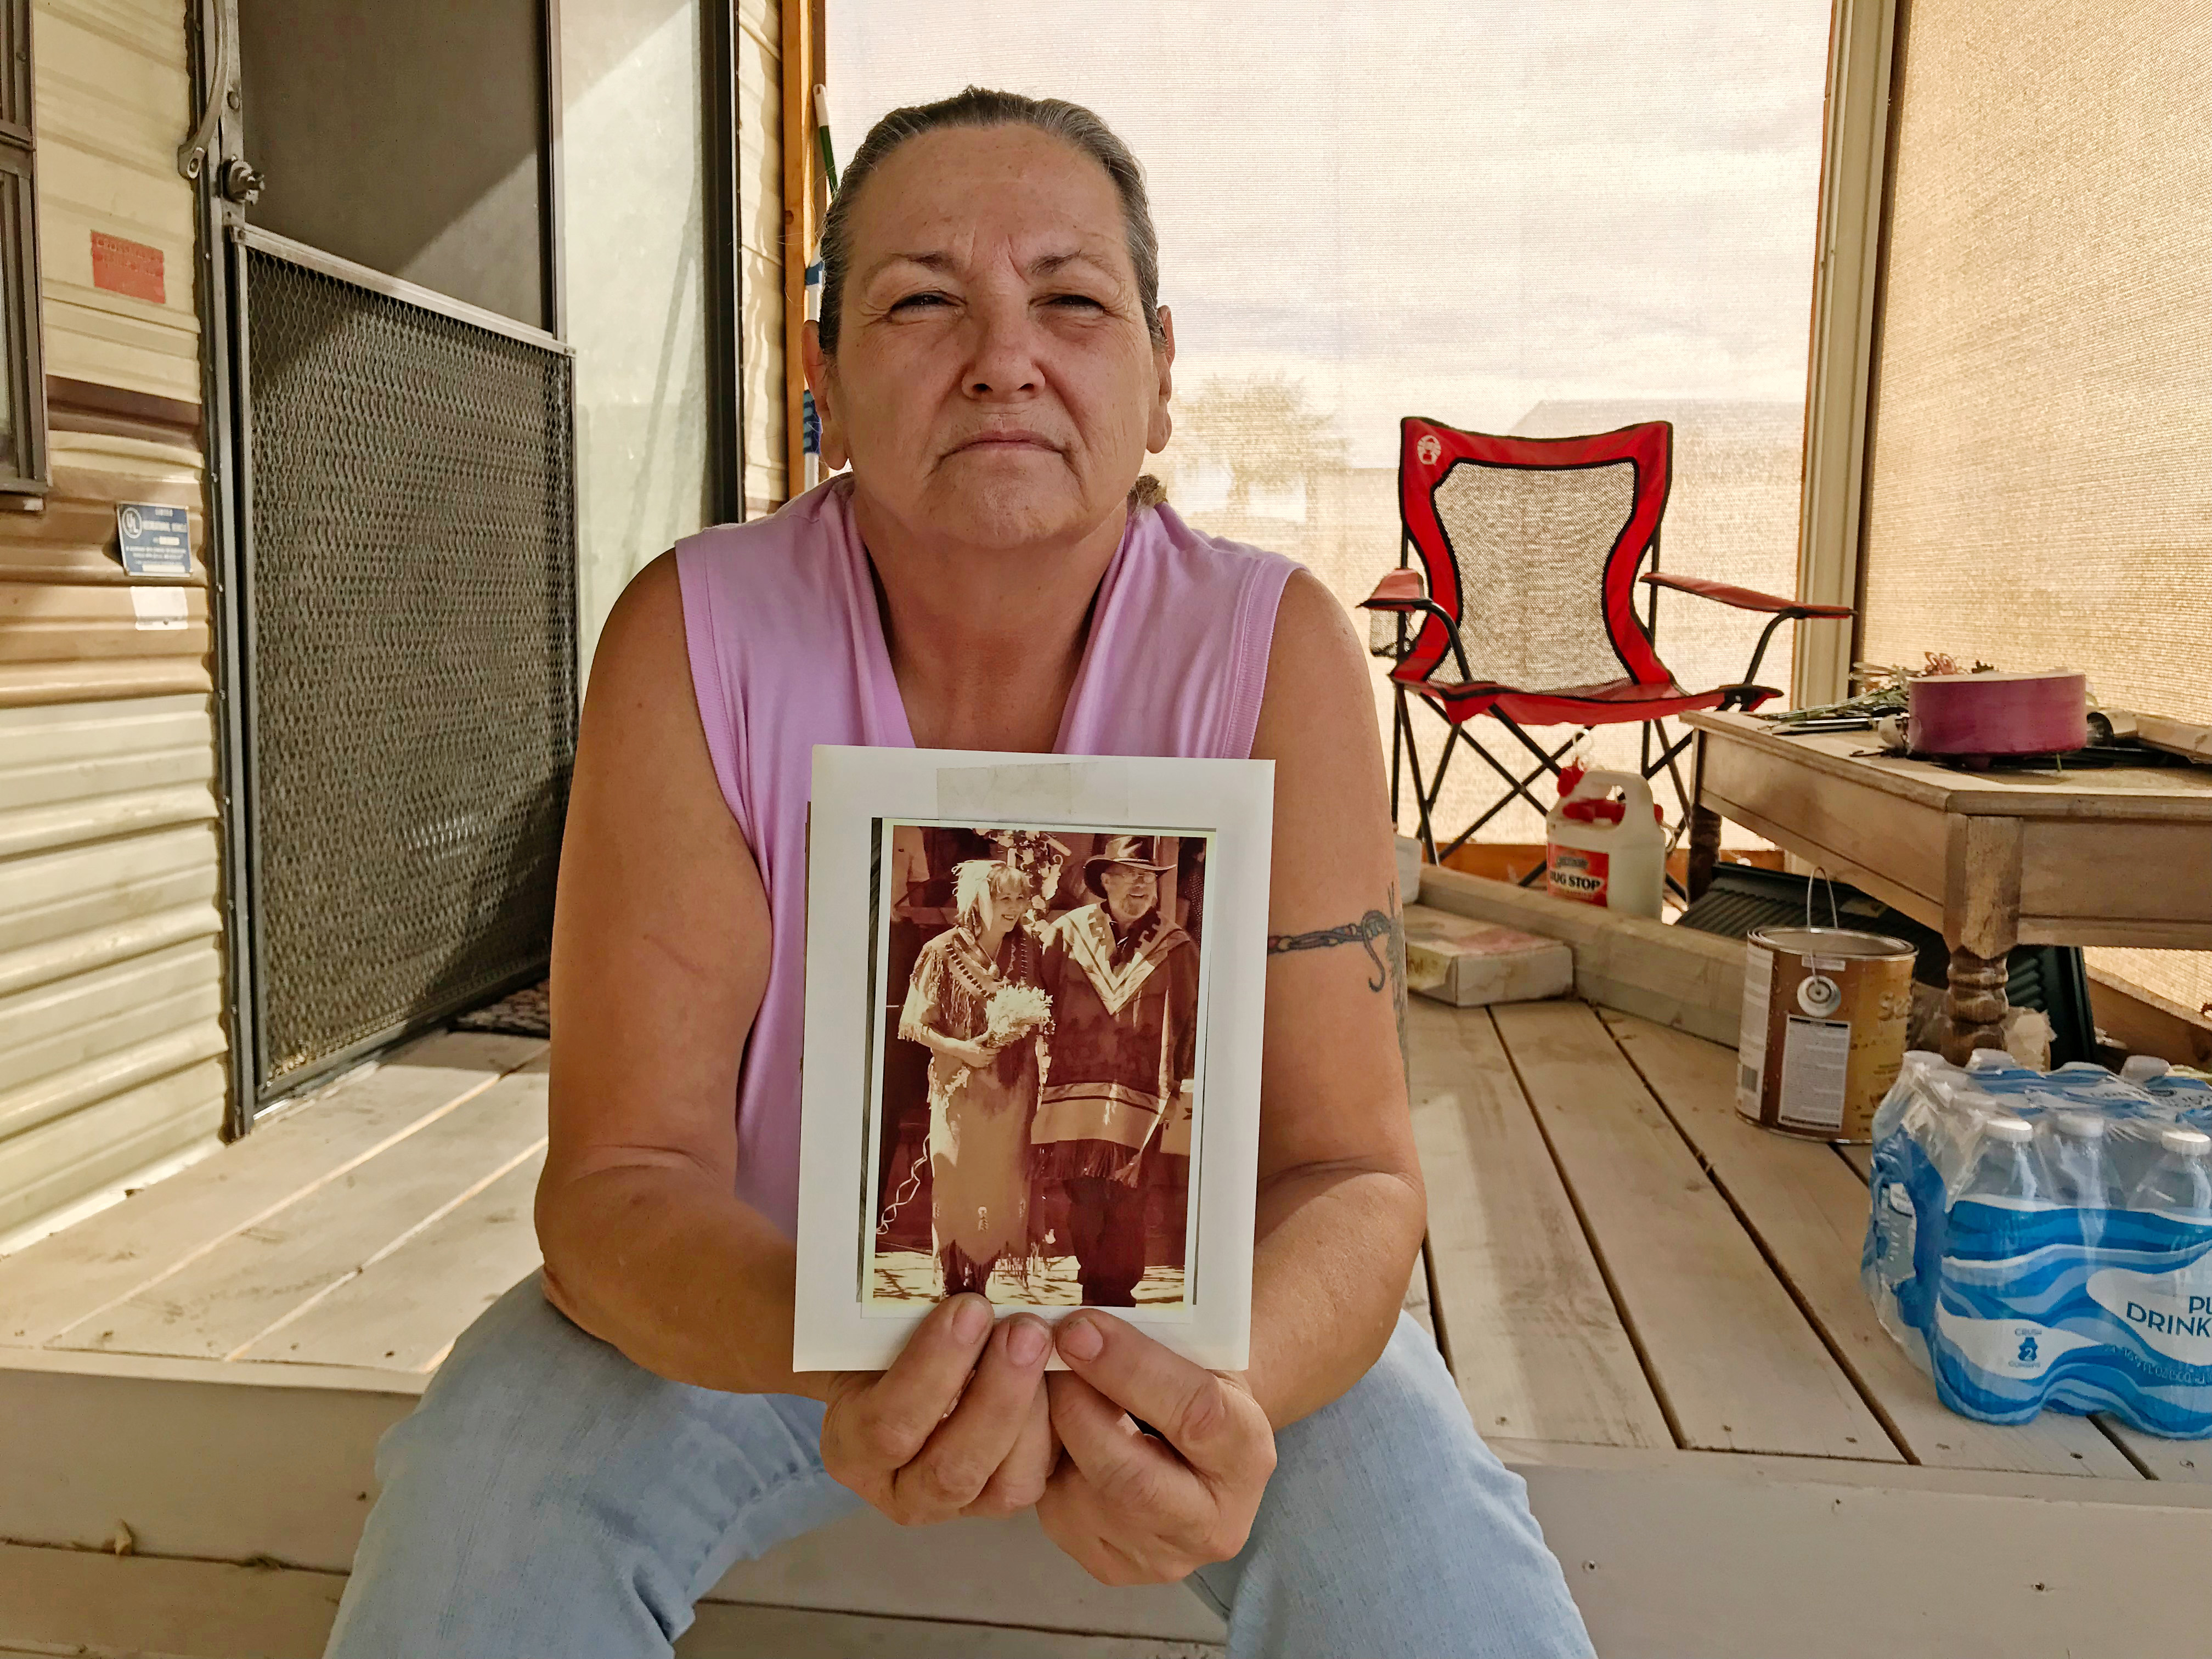 زوجة روبرت ليفينسون تحمل صورة لزوجها الذي تنتظره من 12 عاما